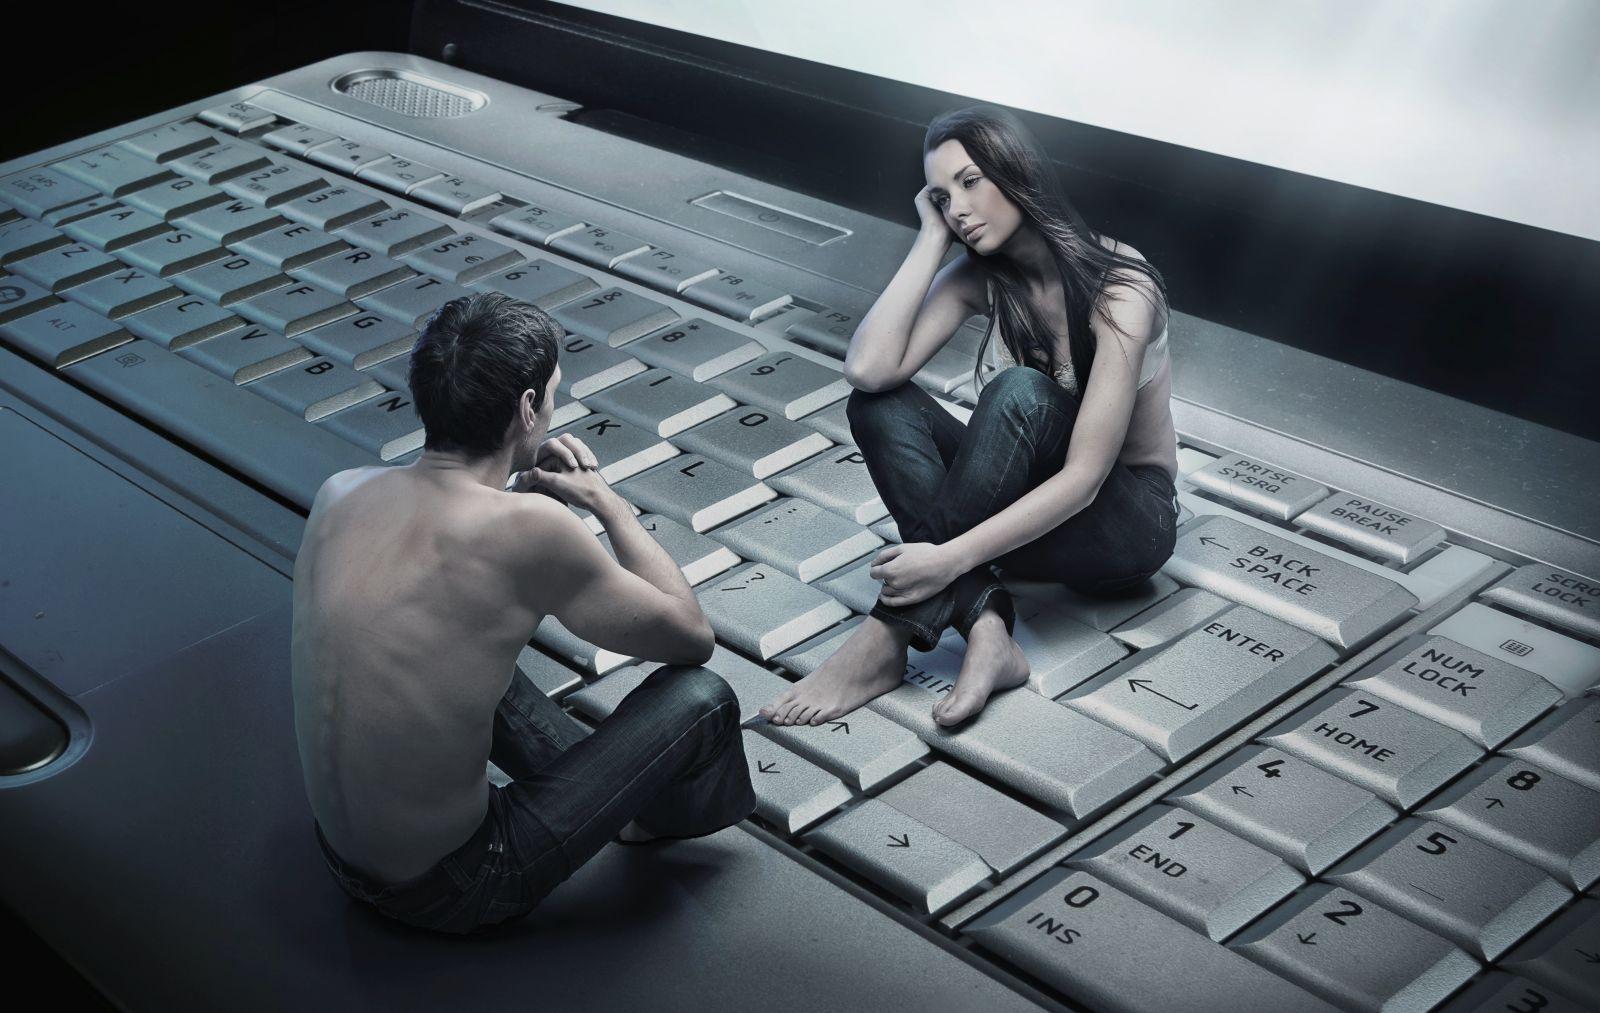 Что может разрушить отношения: 5 вредных привычек - фото №1